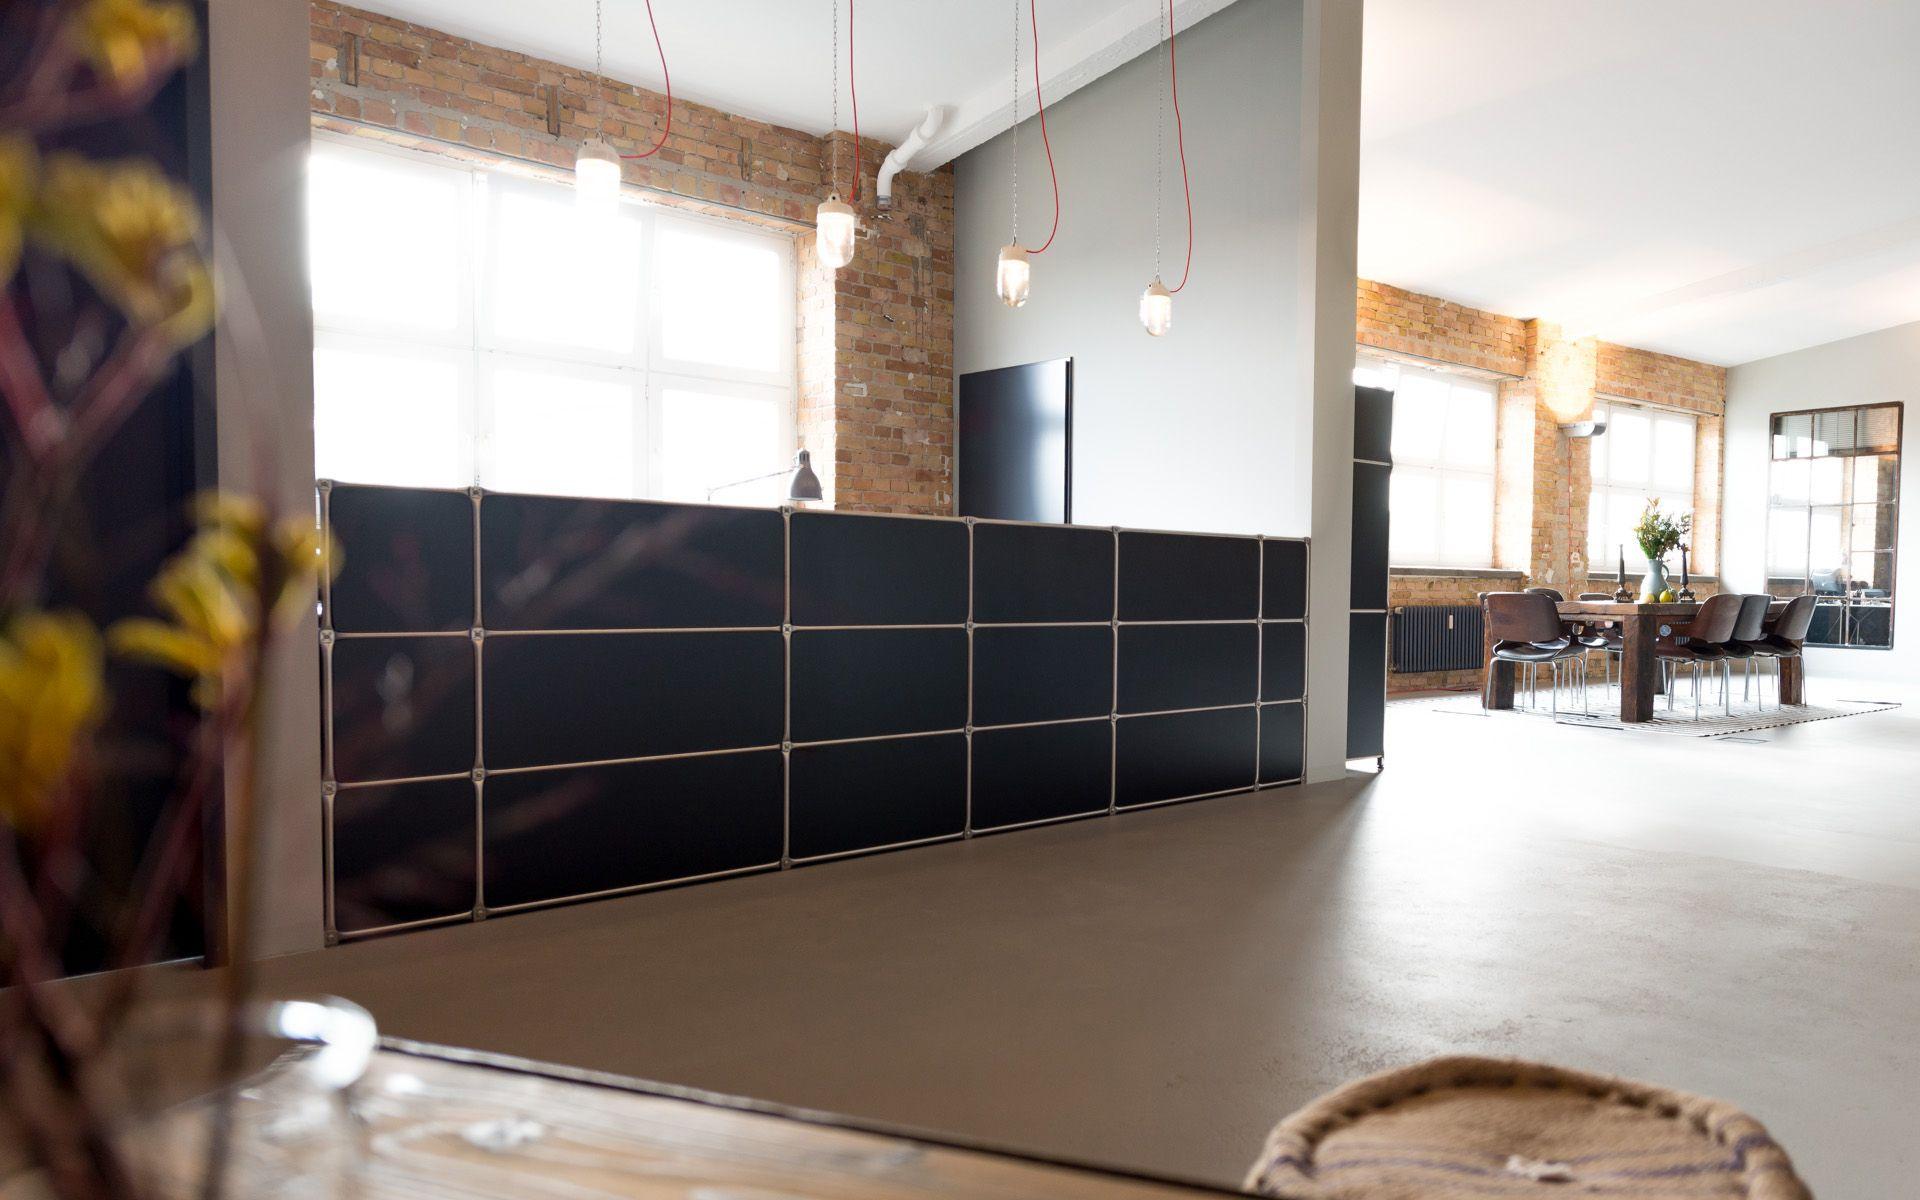 Modulare b roeinrichtung m belbausystem haarwerkstatt system 180 moderne flexible - Moderne wohneinrichtung ...